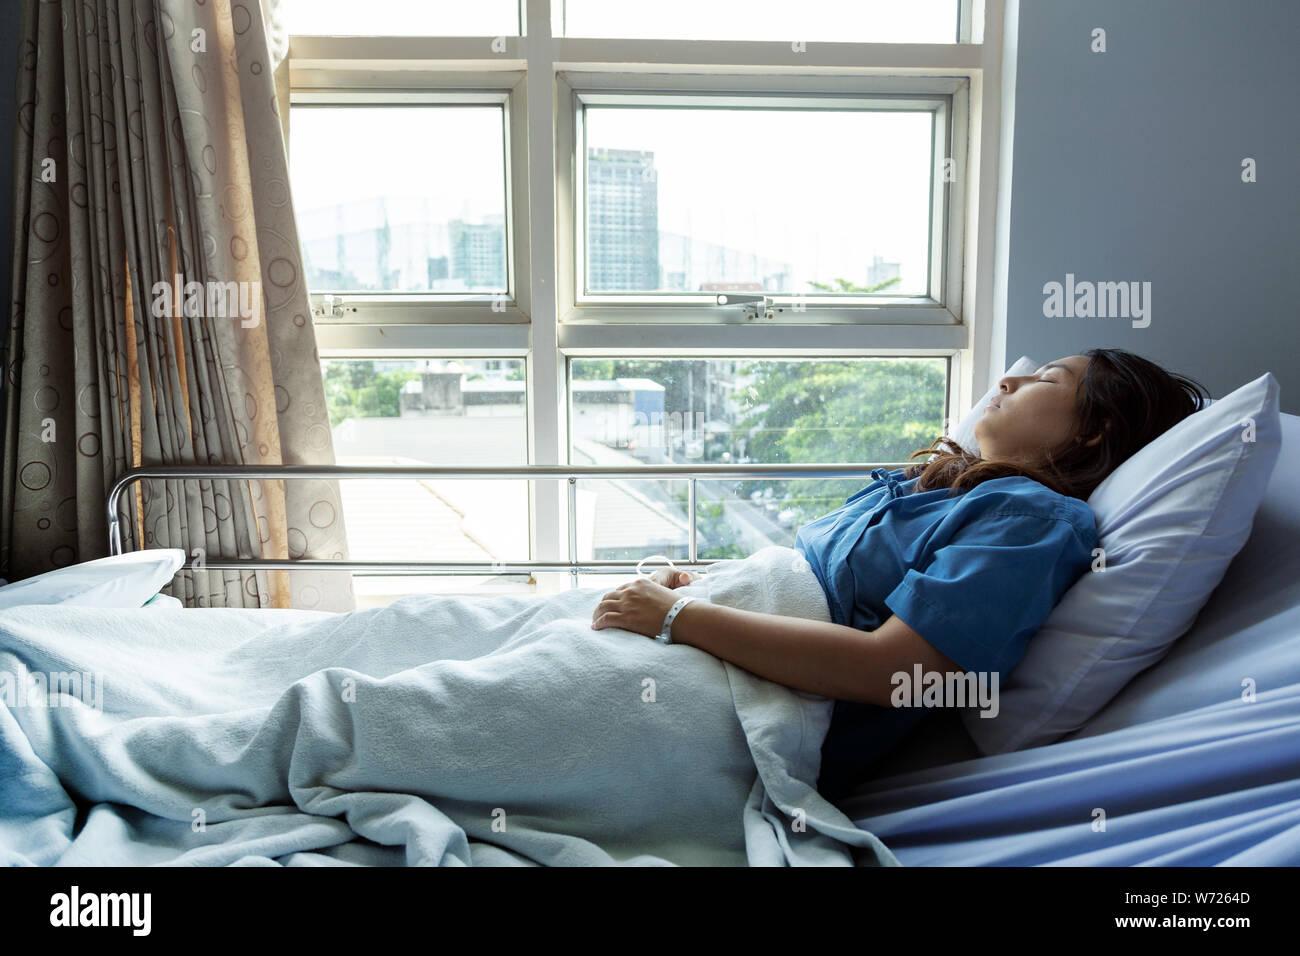 Dormir à l'hôpital pour les patients à la recherche d'occasion et d'une vie meilleure,Patients est heureux récupéré de la maladie. Banque D'Images